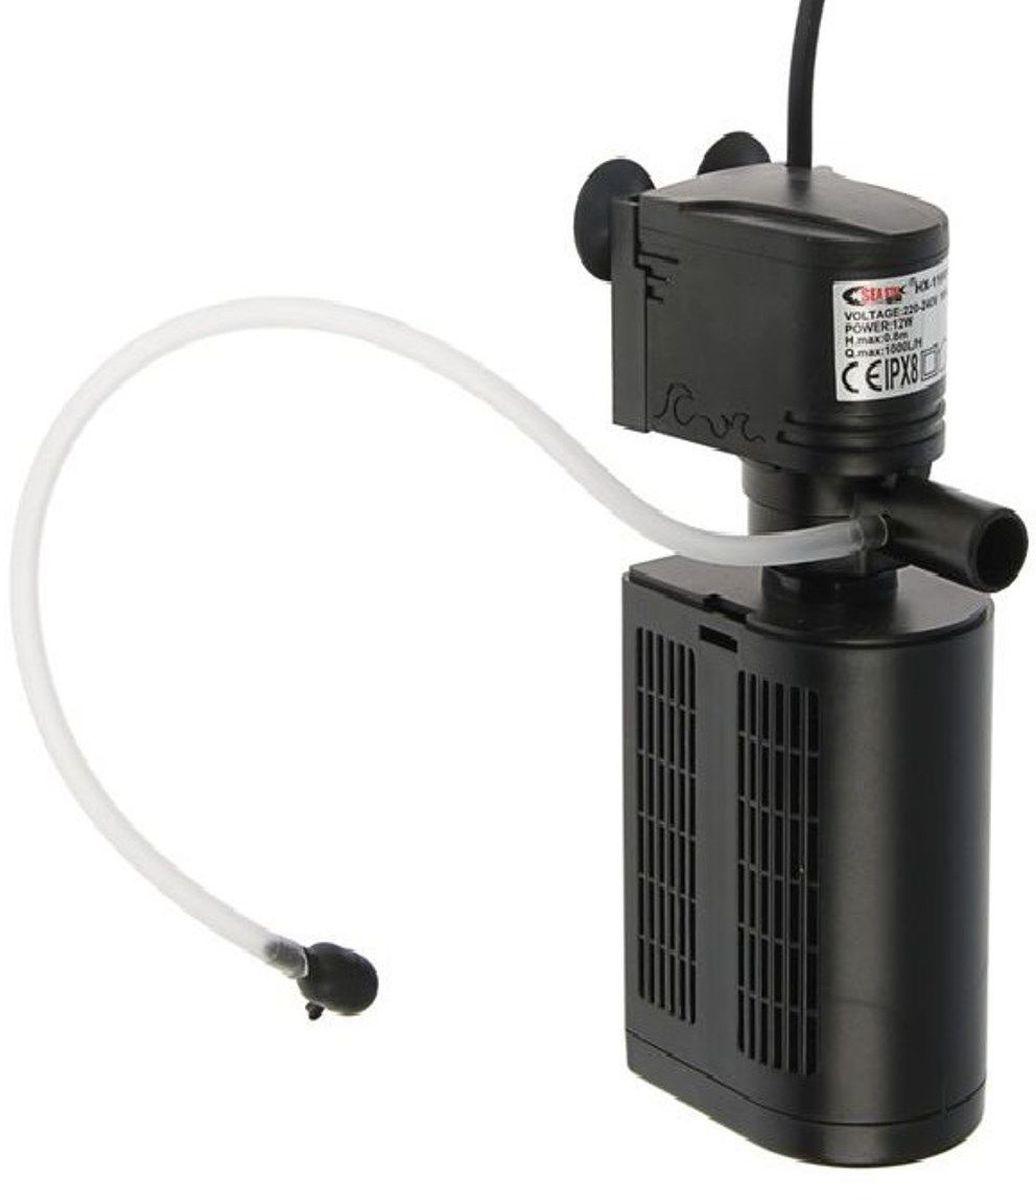 Фильтр для аквариума Sea Star HX-1180F2, 12W, 1000 л/чHX1480SEA STAR Фильтр HX-1180F2 12W 1000 л/ч